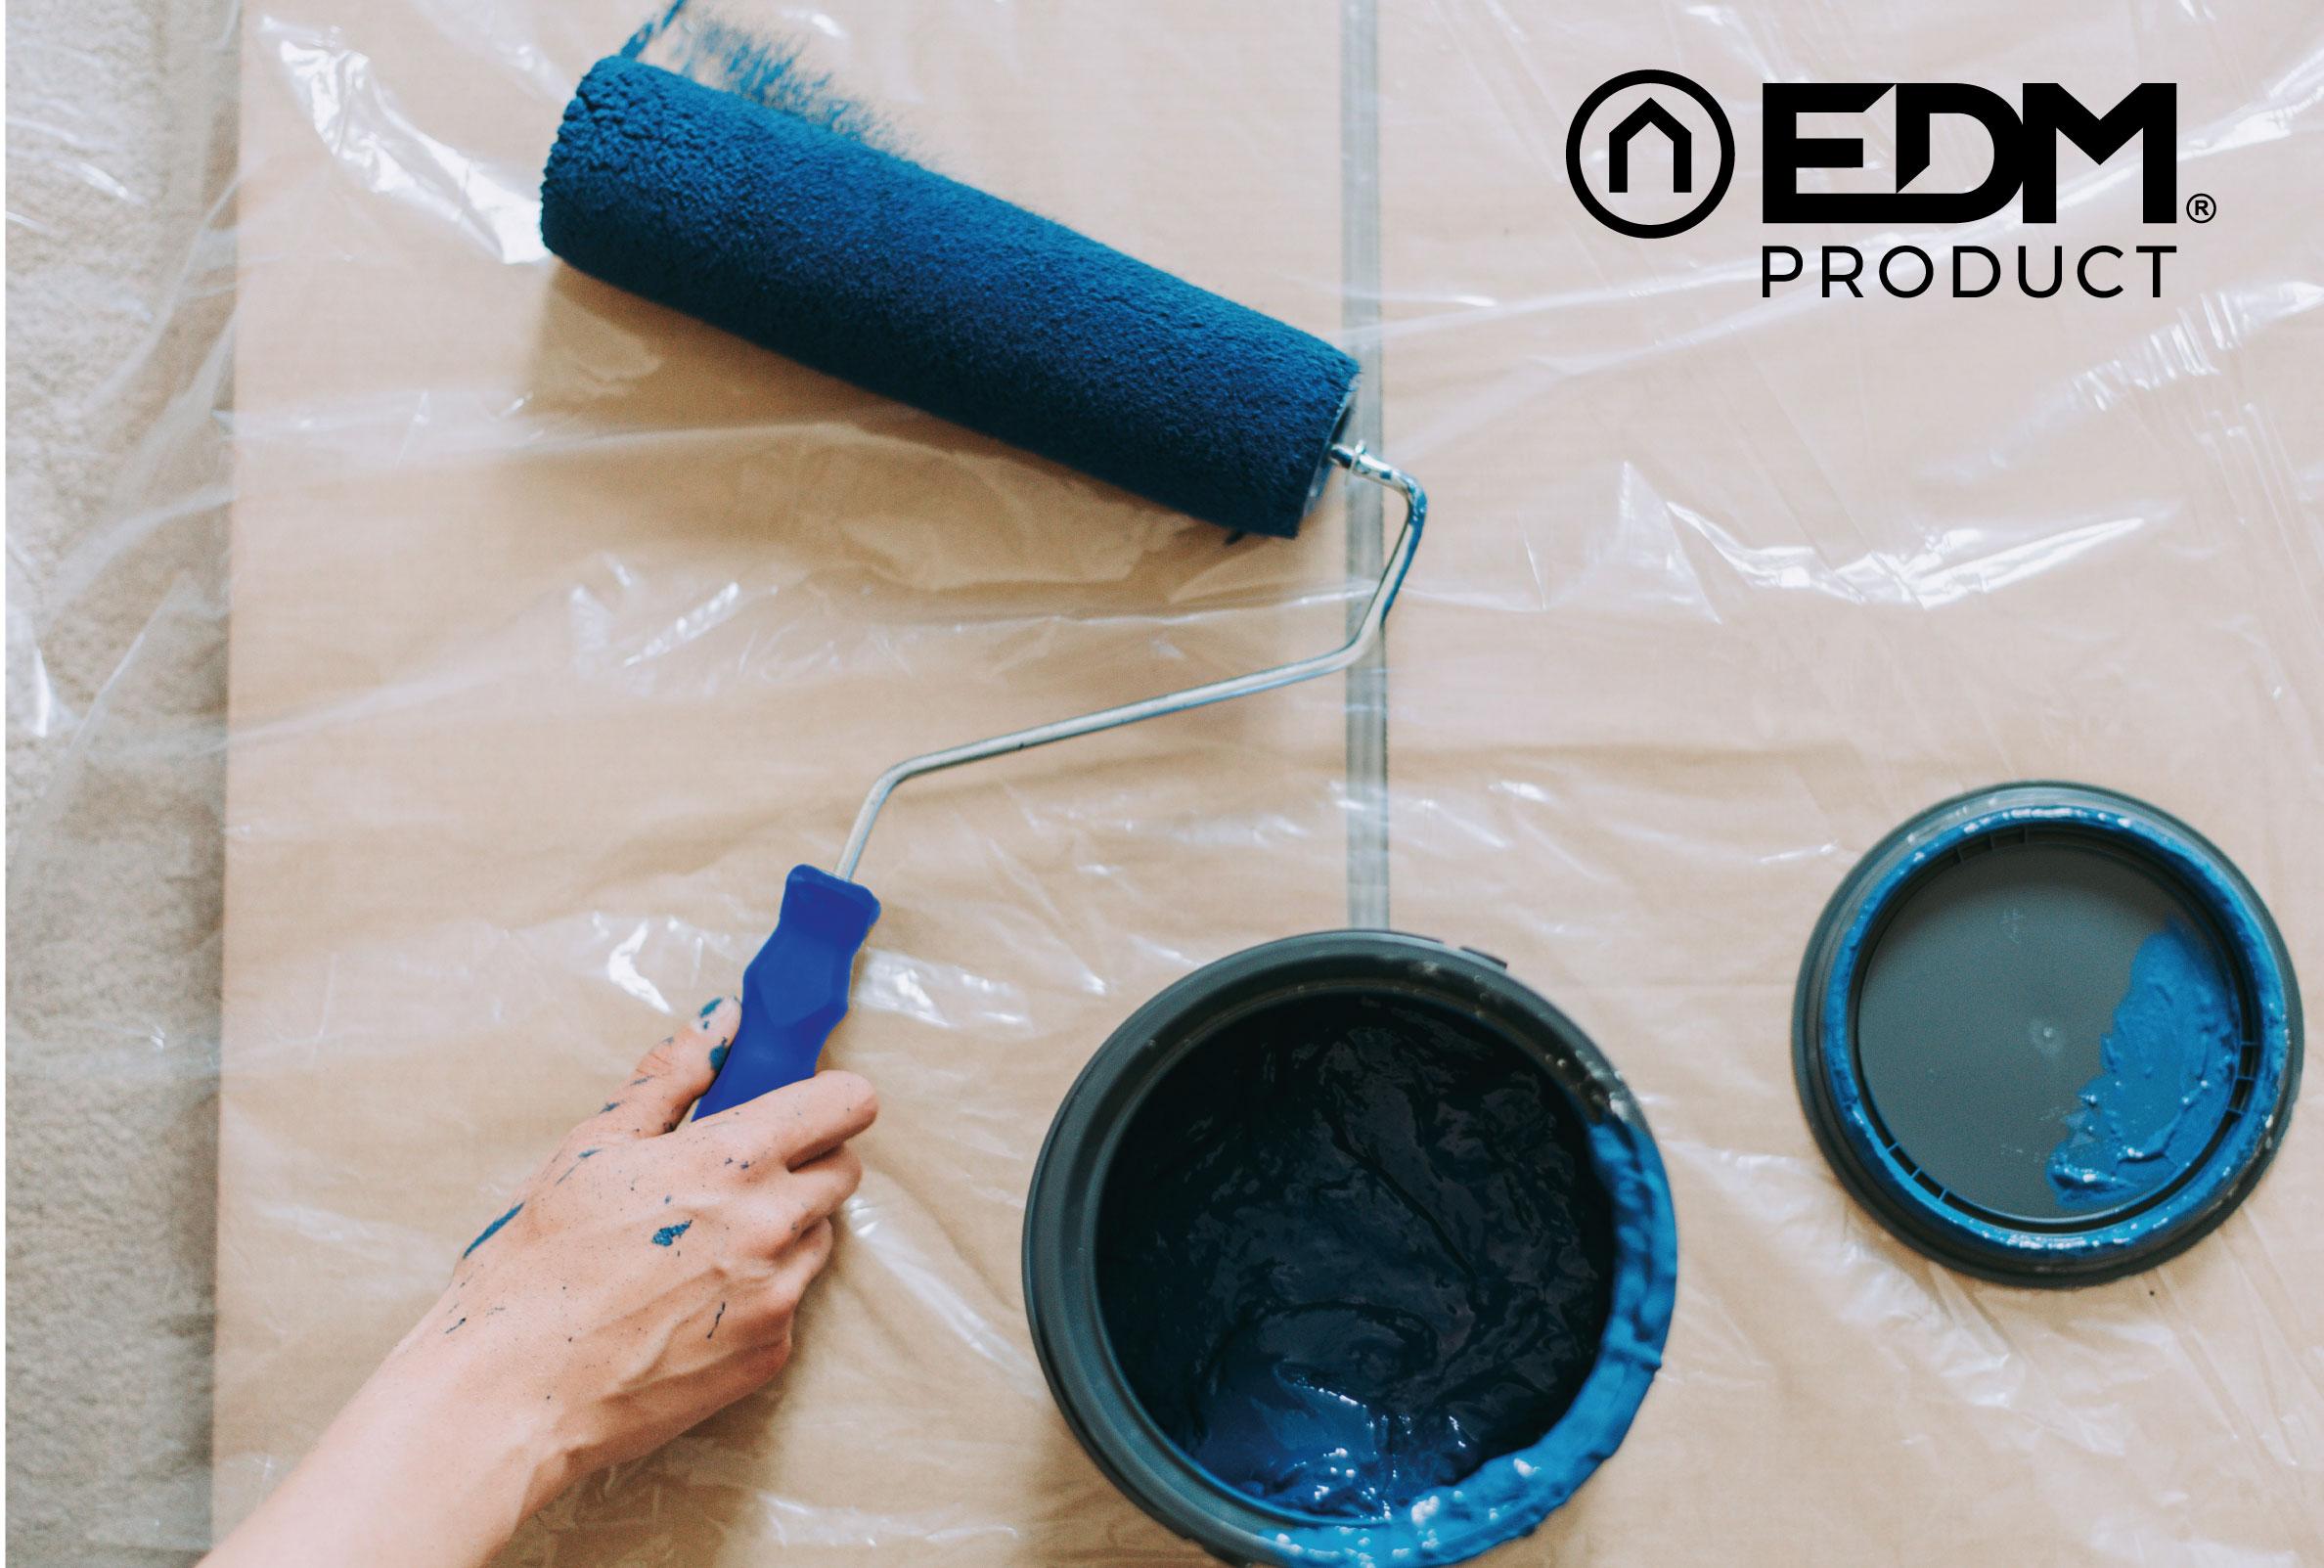 Nova gama de acessórios de pintura EDM